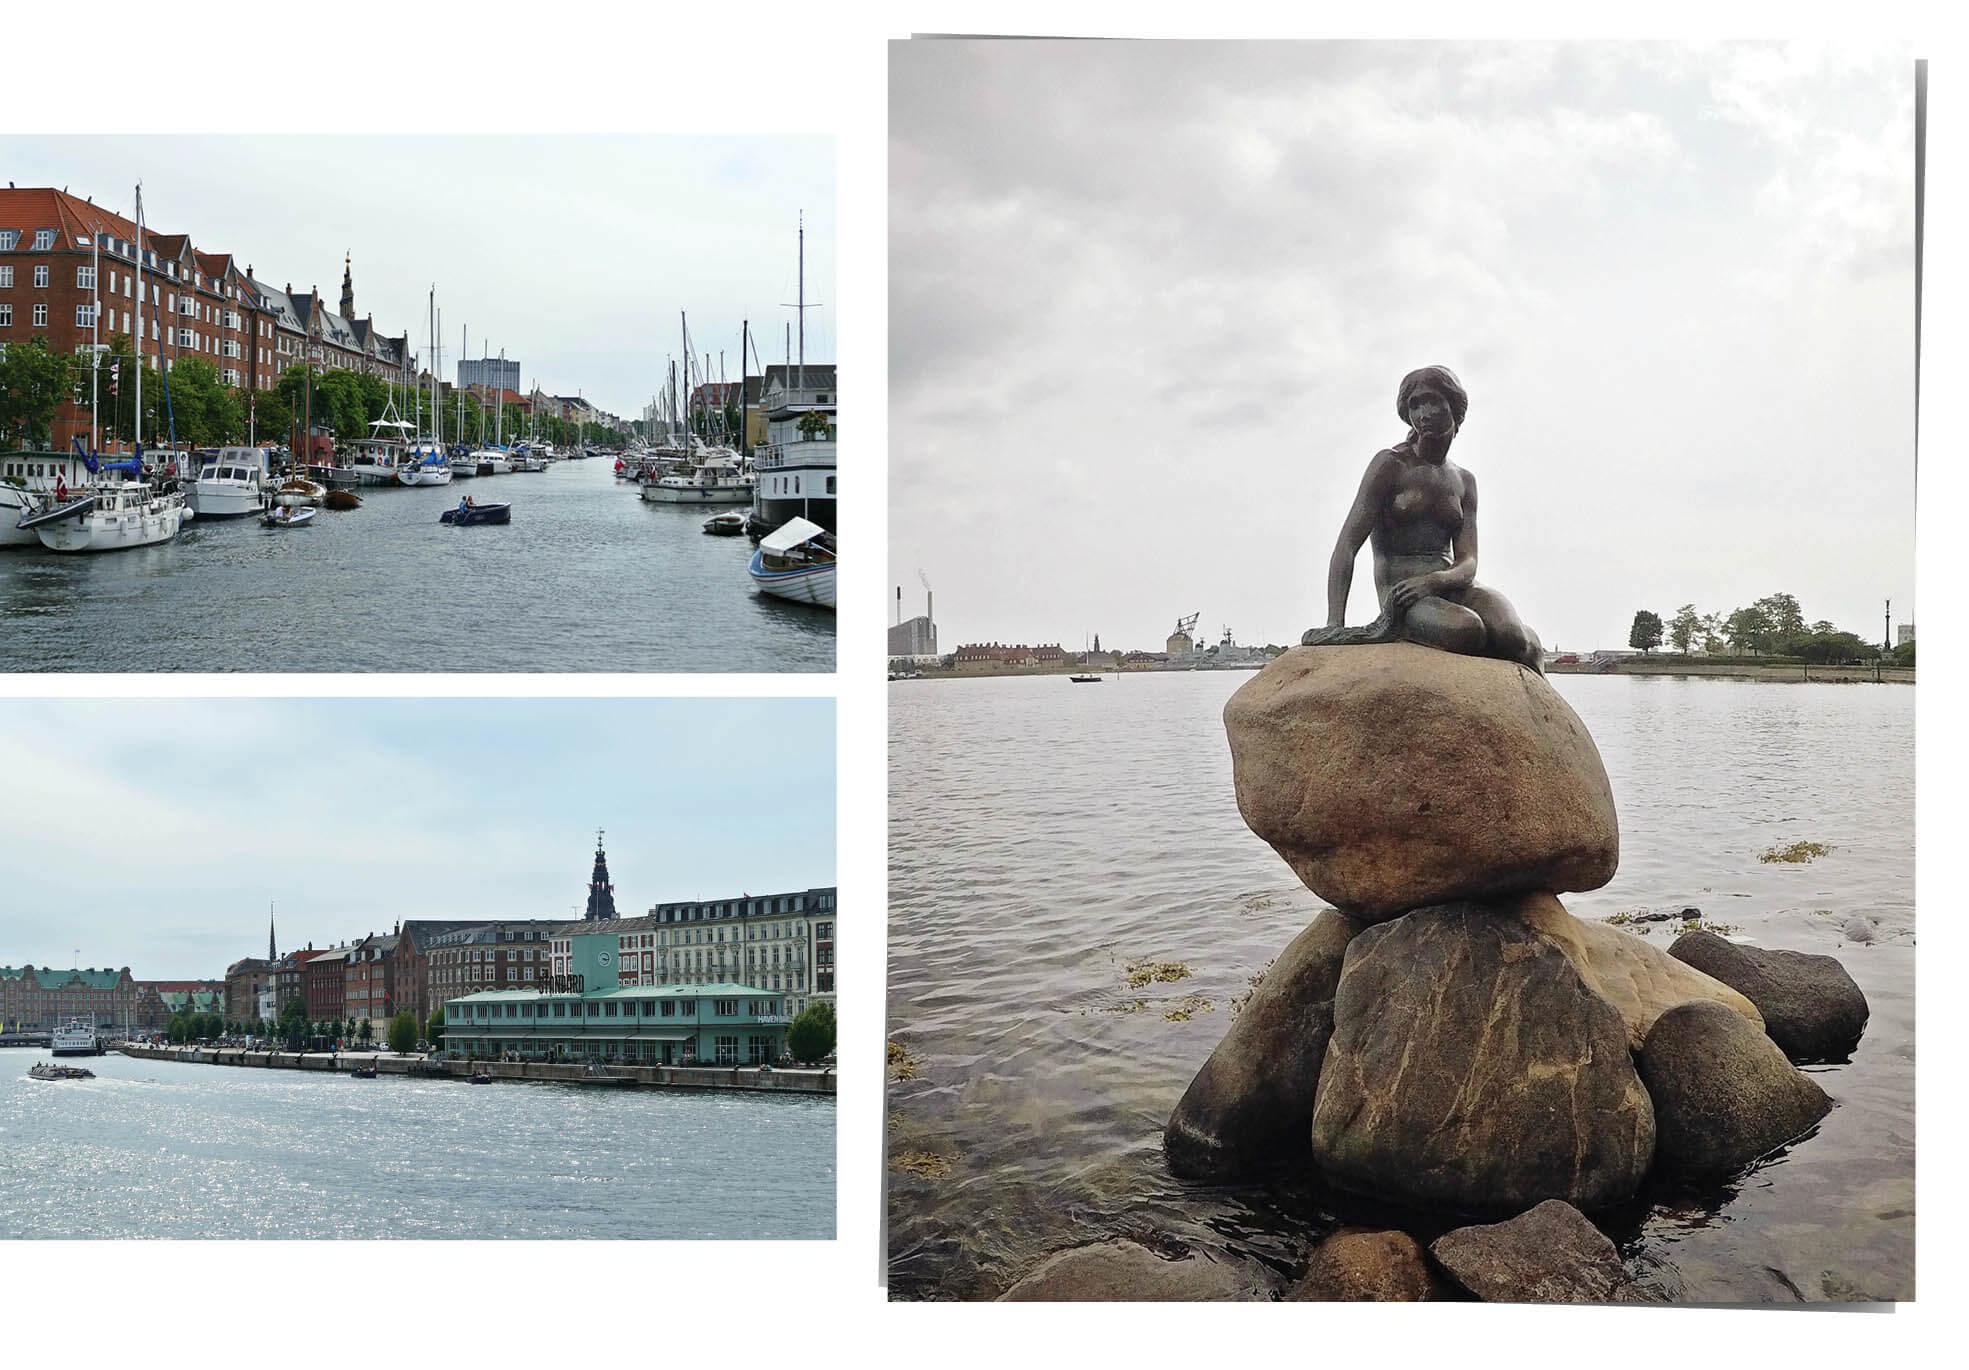 copenhague, danemark, Denmark, voyage, europe, bateaux, rivière, la petite sirène, Andersen